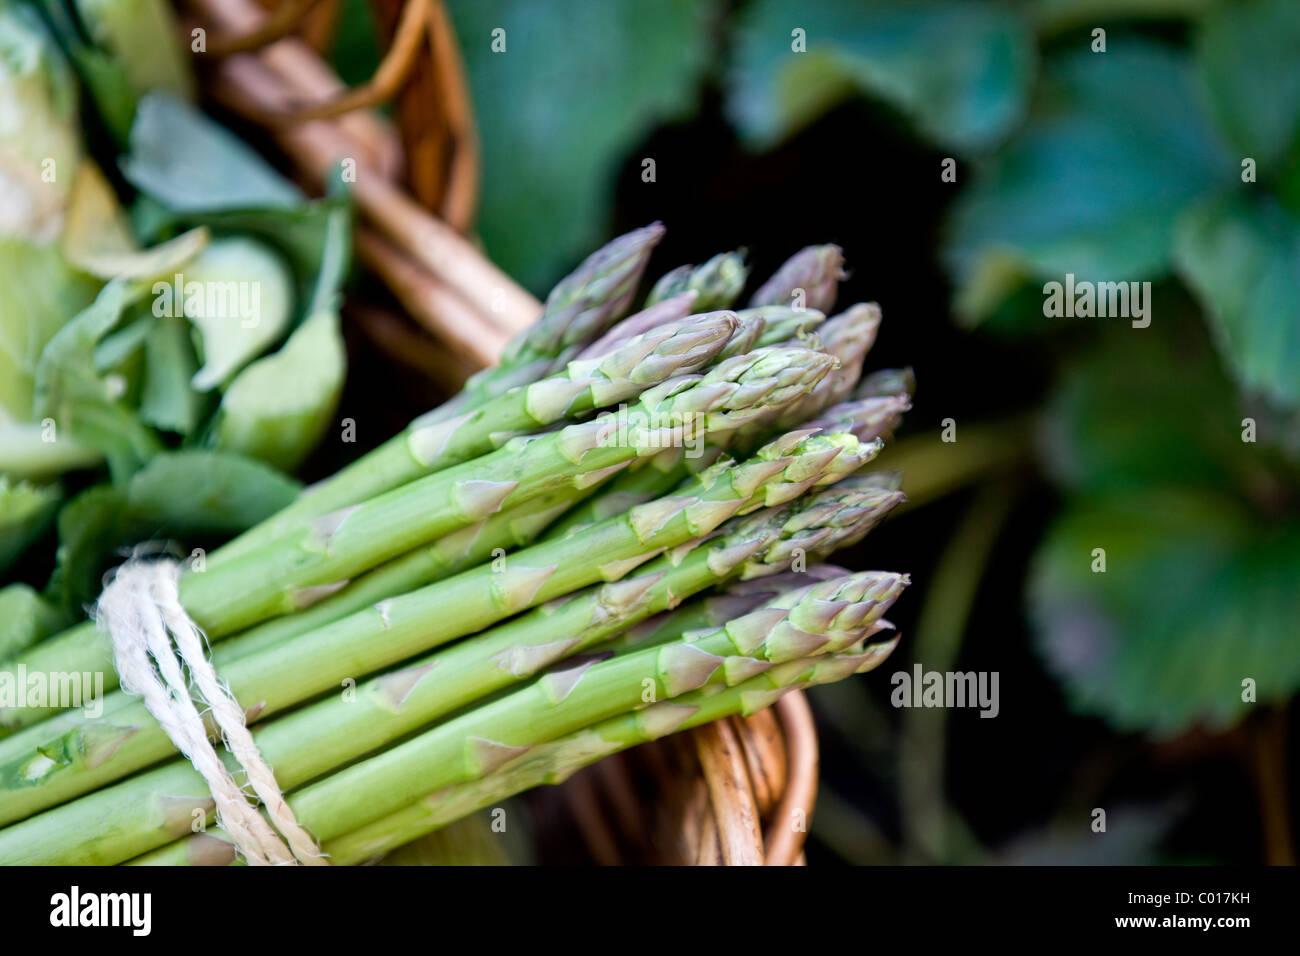 Un manojo de espárragos en una cesta de verduras frescas Imagen De Stock